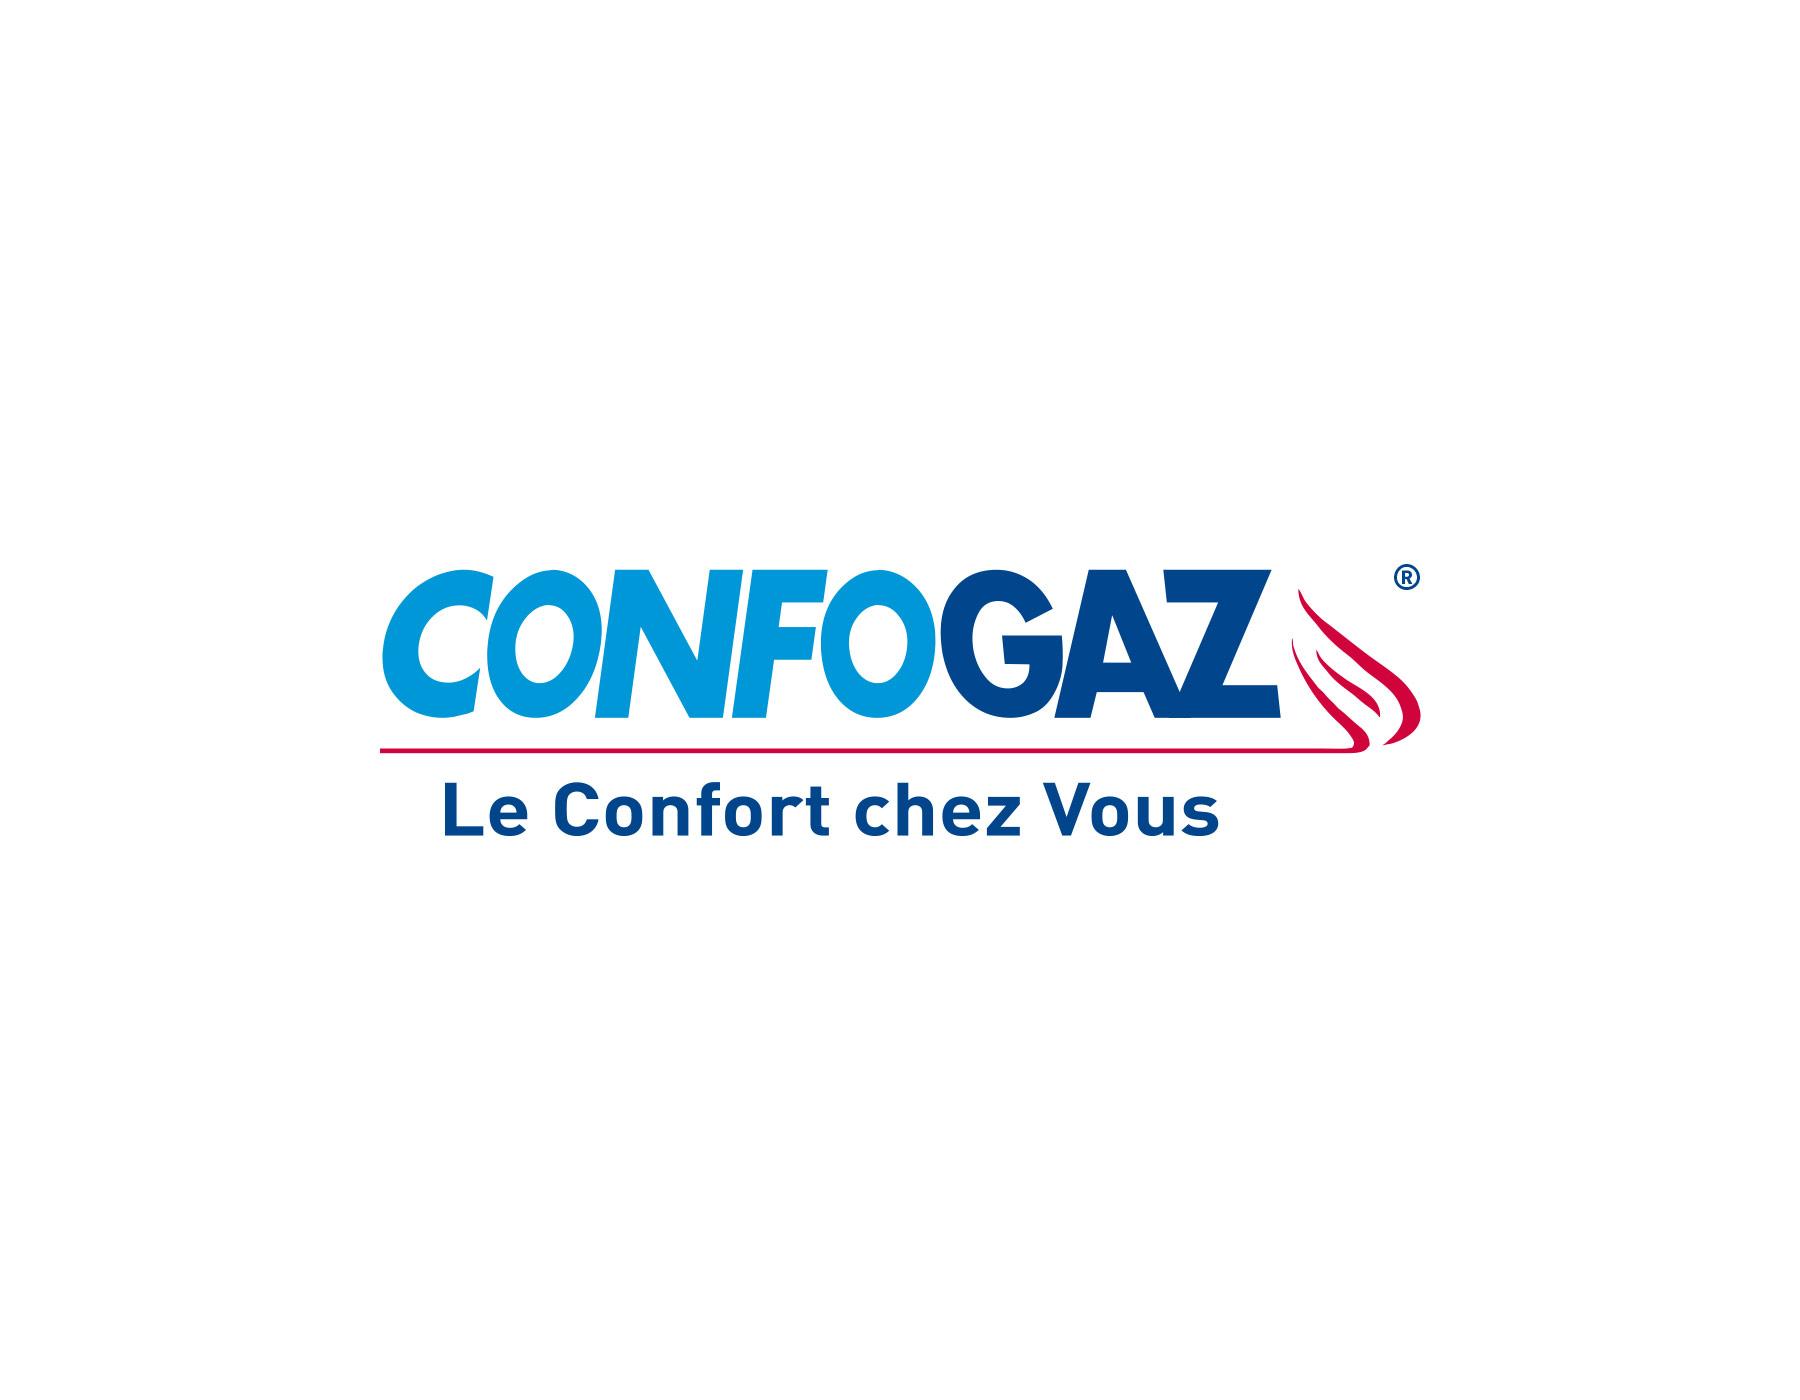 Logo Confogaz